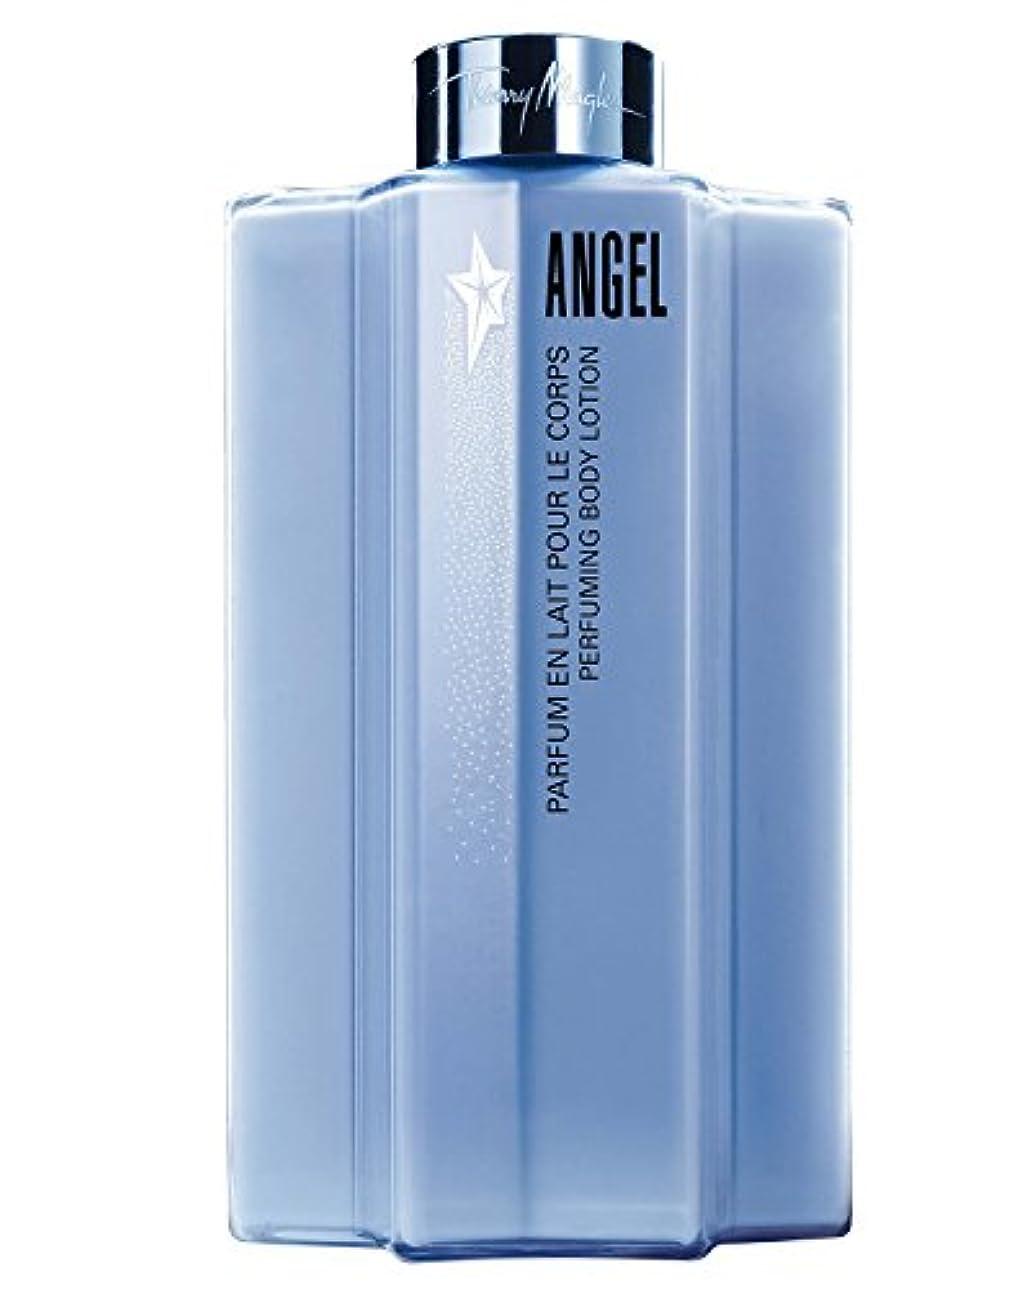 再発する雄弁な後方にテュエリーミュグレー エンジェルボディローション 200ml THIERRY MUGLER ANGEL BODY LOTION [並行輸入品]